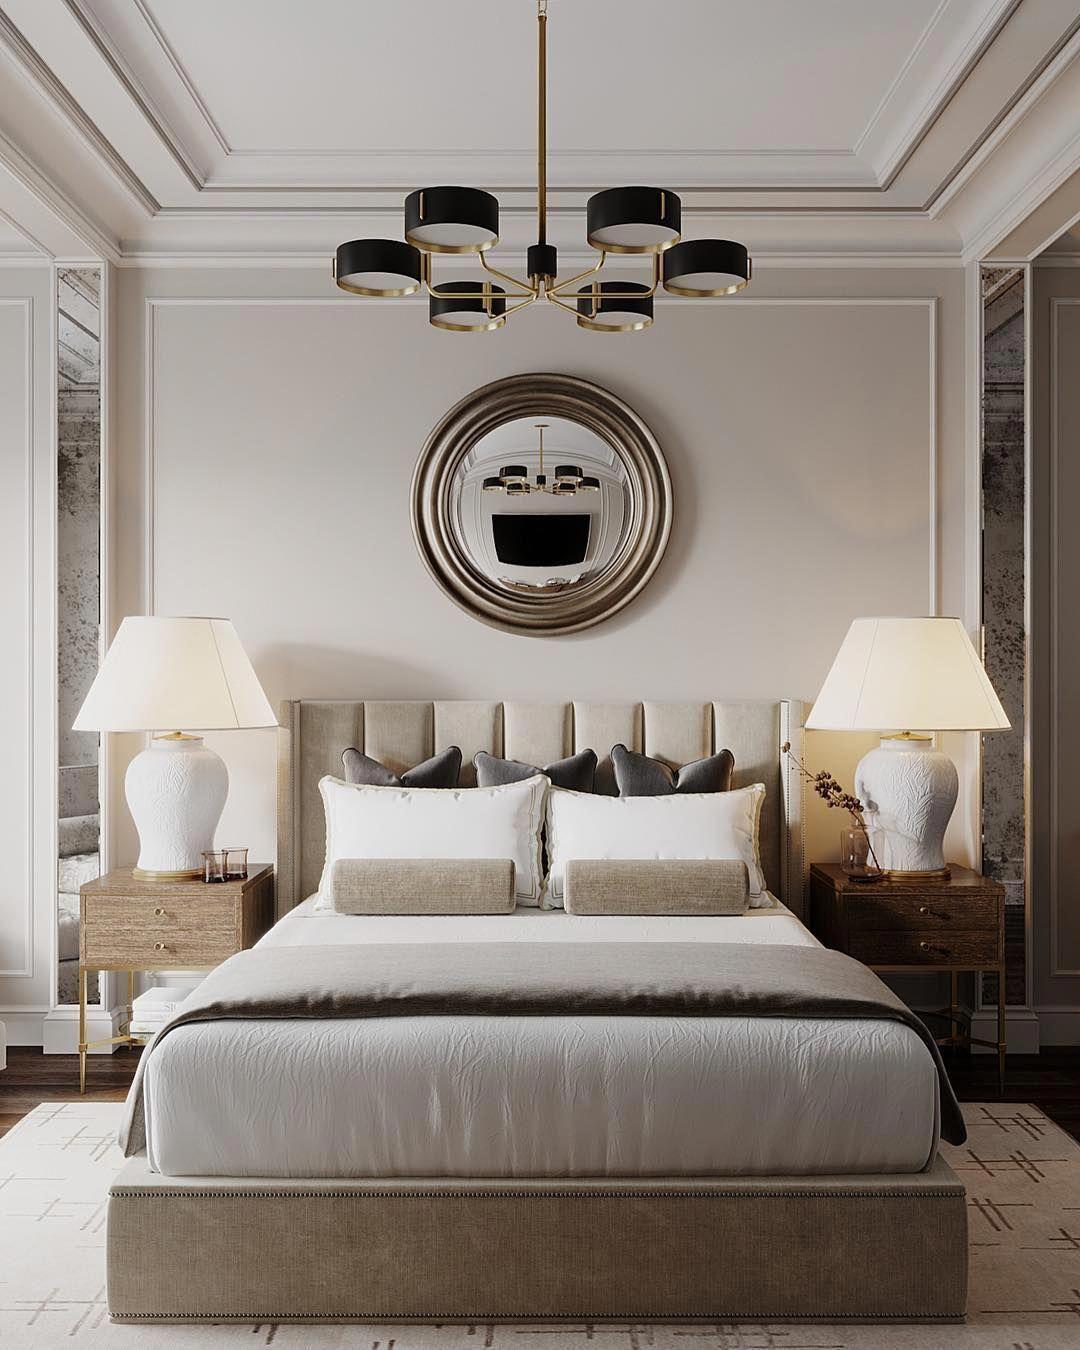 designer italienische schlafzimmermöbel & luxus-betten